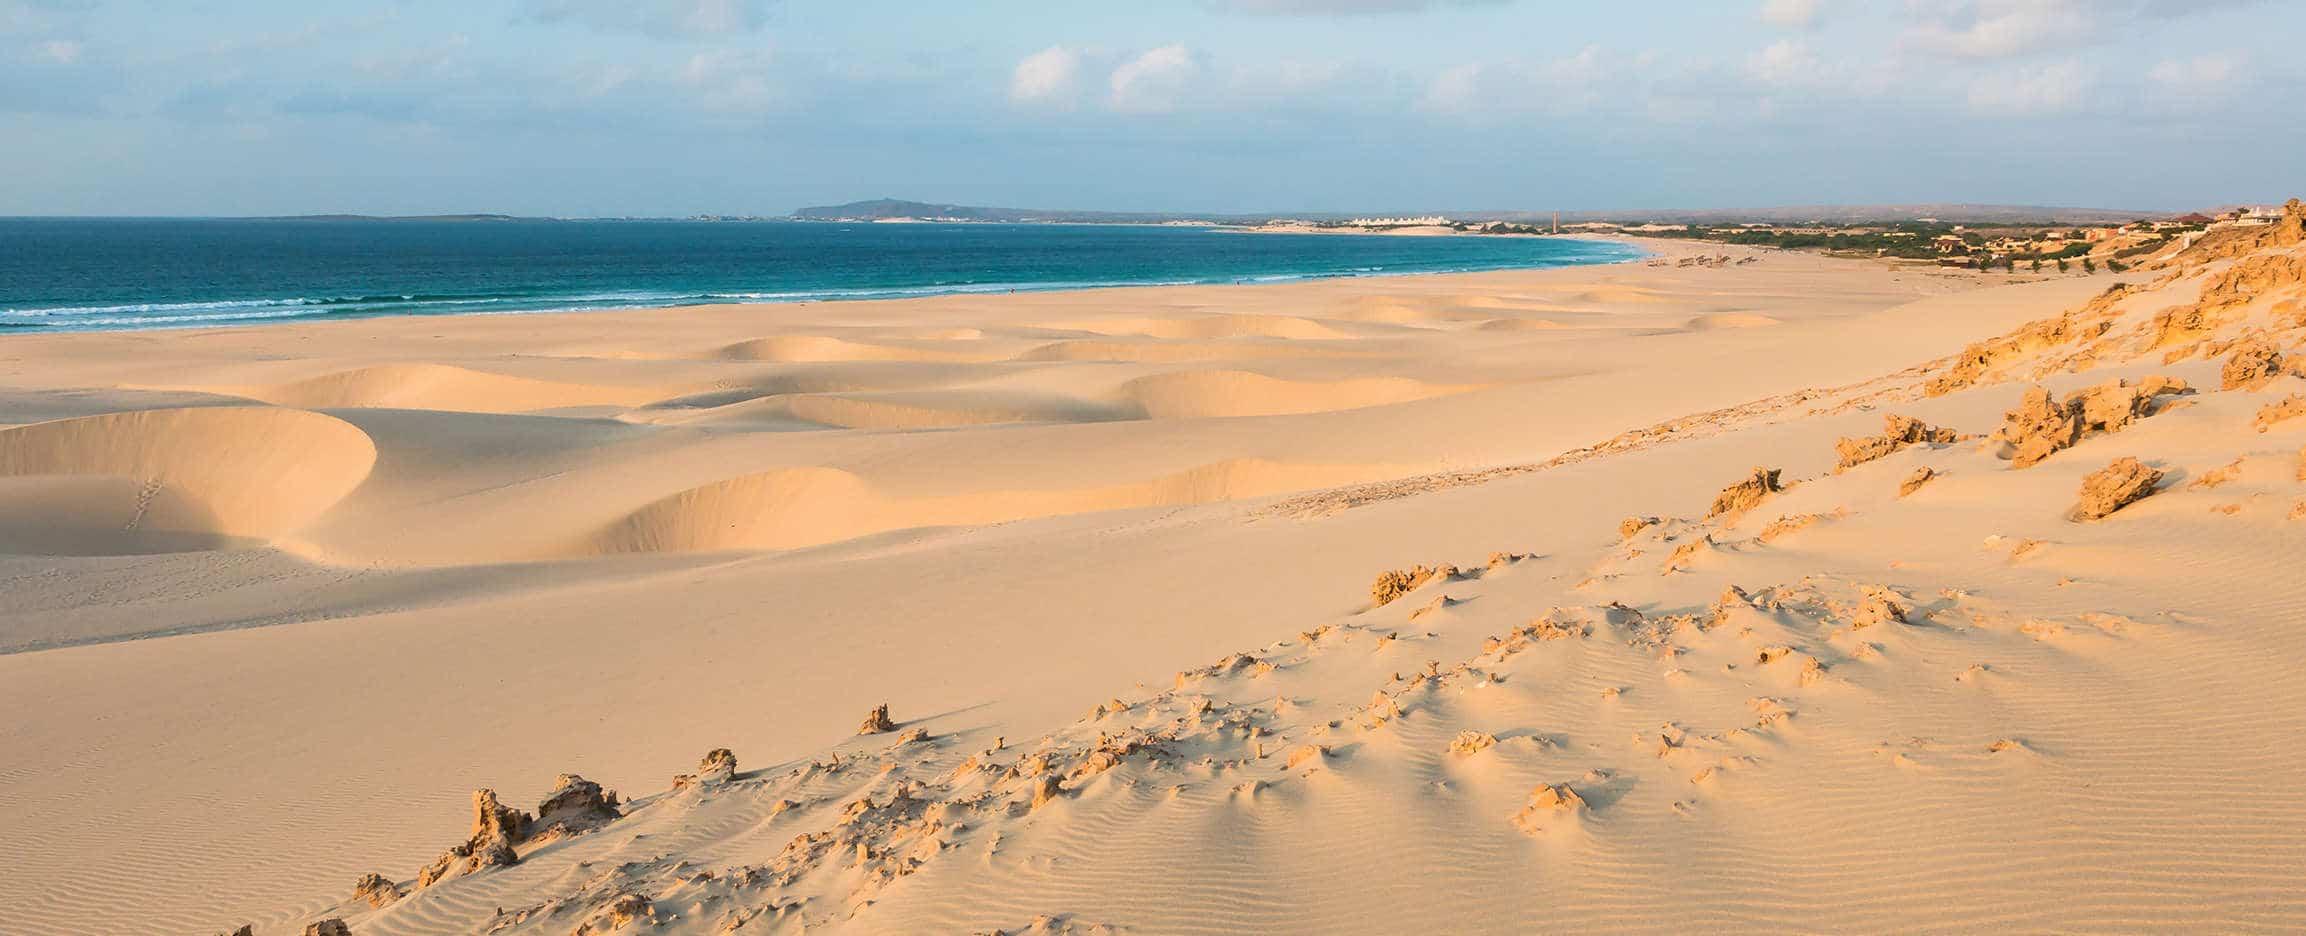 vacaciones en cabo verde playa en boavista